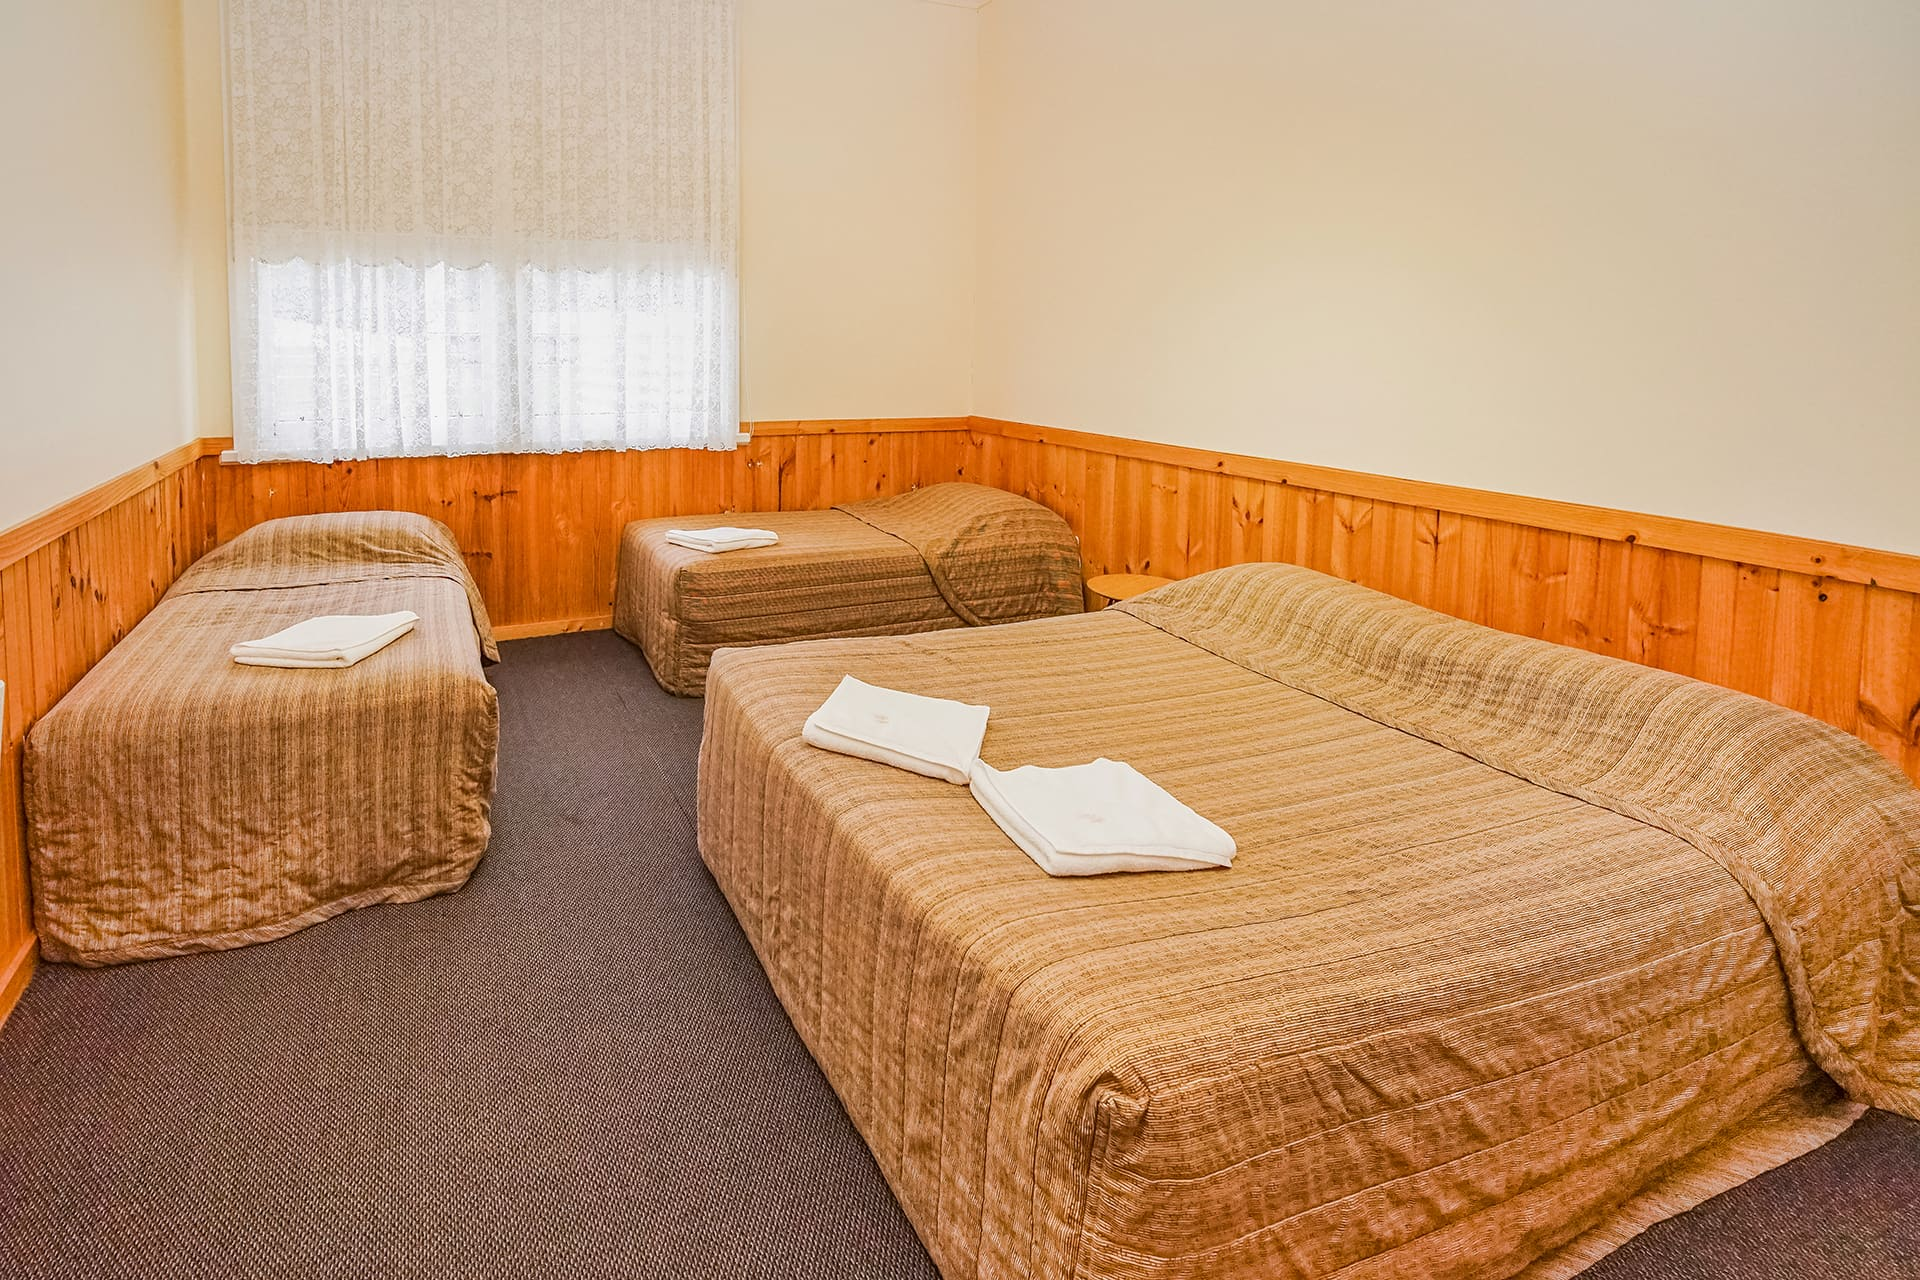 Holt bedroom